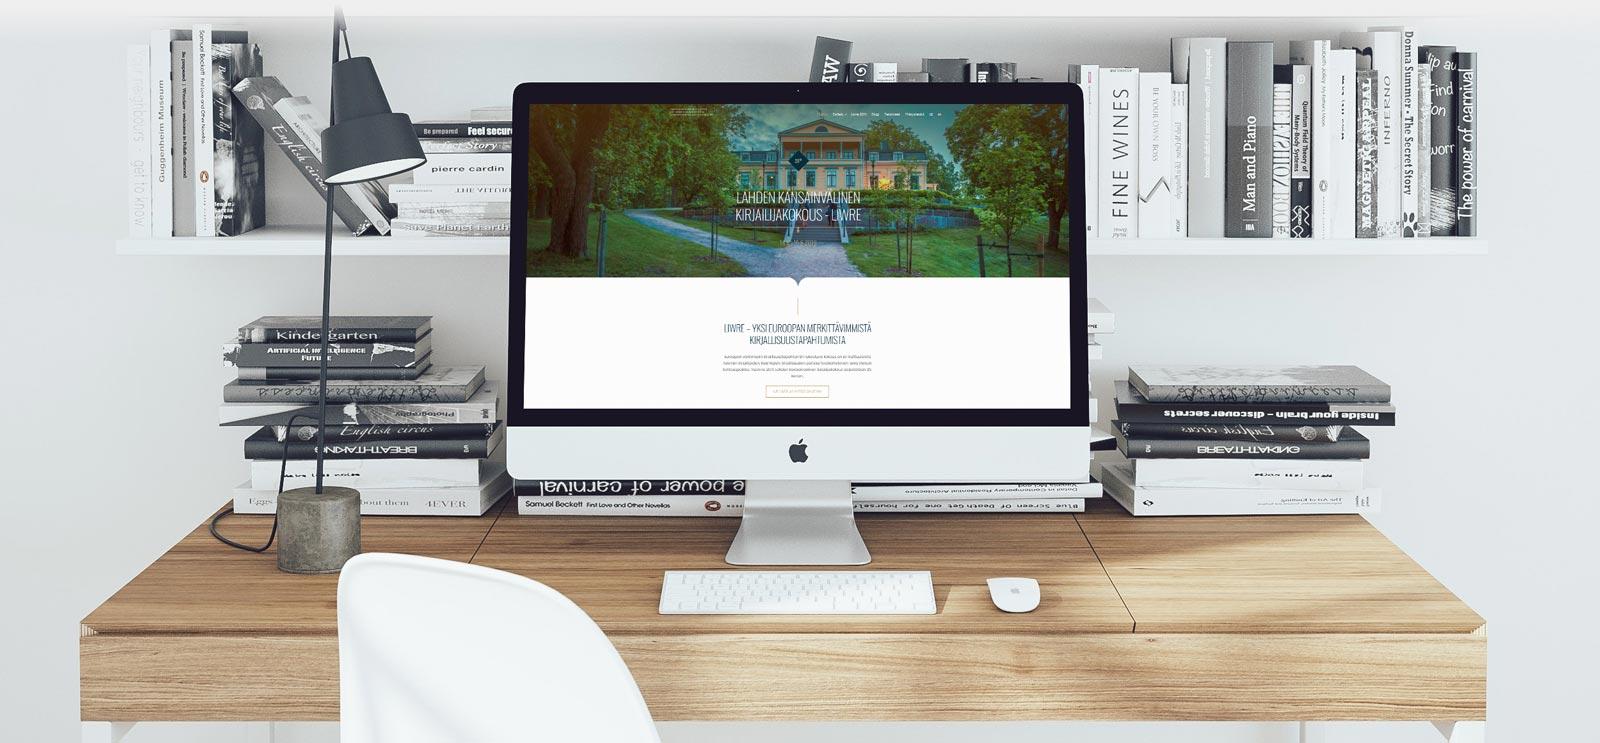 LIWRE verkkosivusto